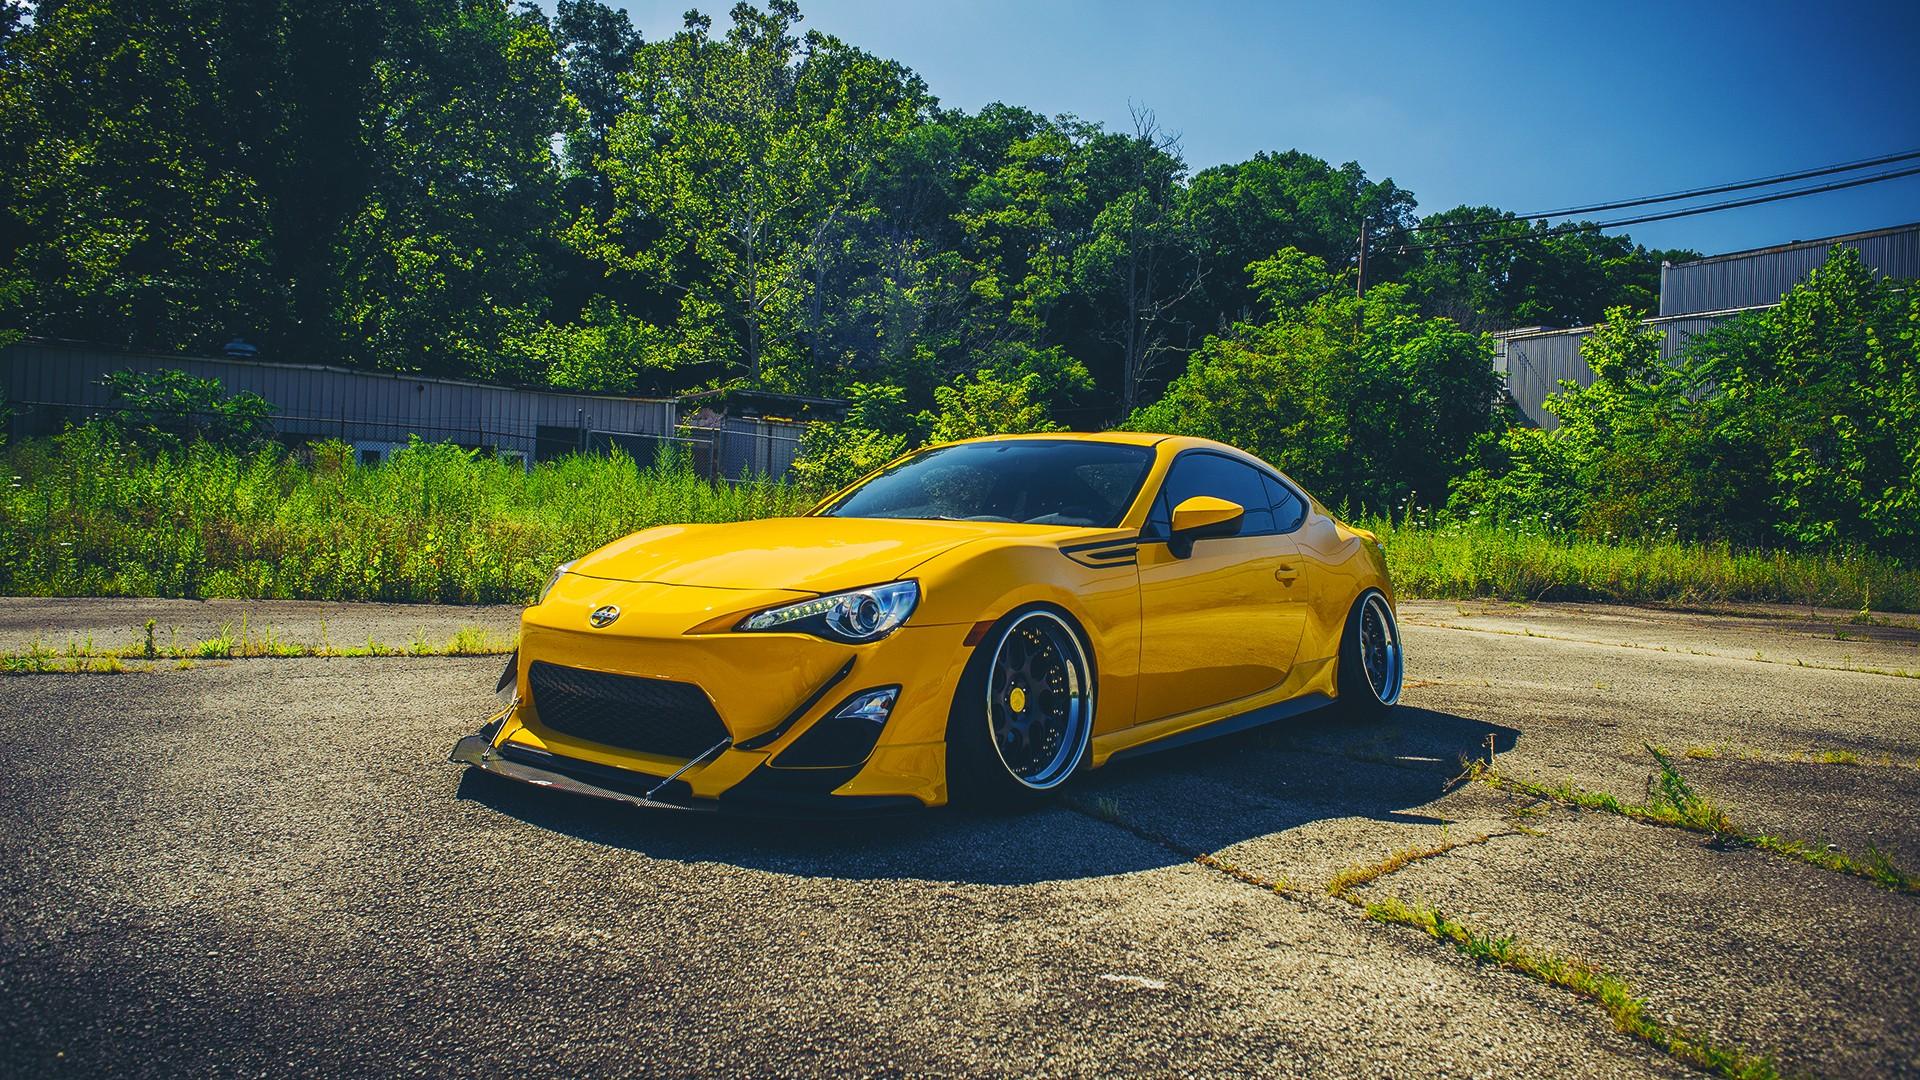 Cars Wallpaper Hd Lambo Ferrari Scion Frs Stance Wallpaper Hd Car Wallpapers Id 5667